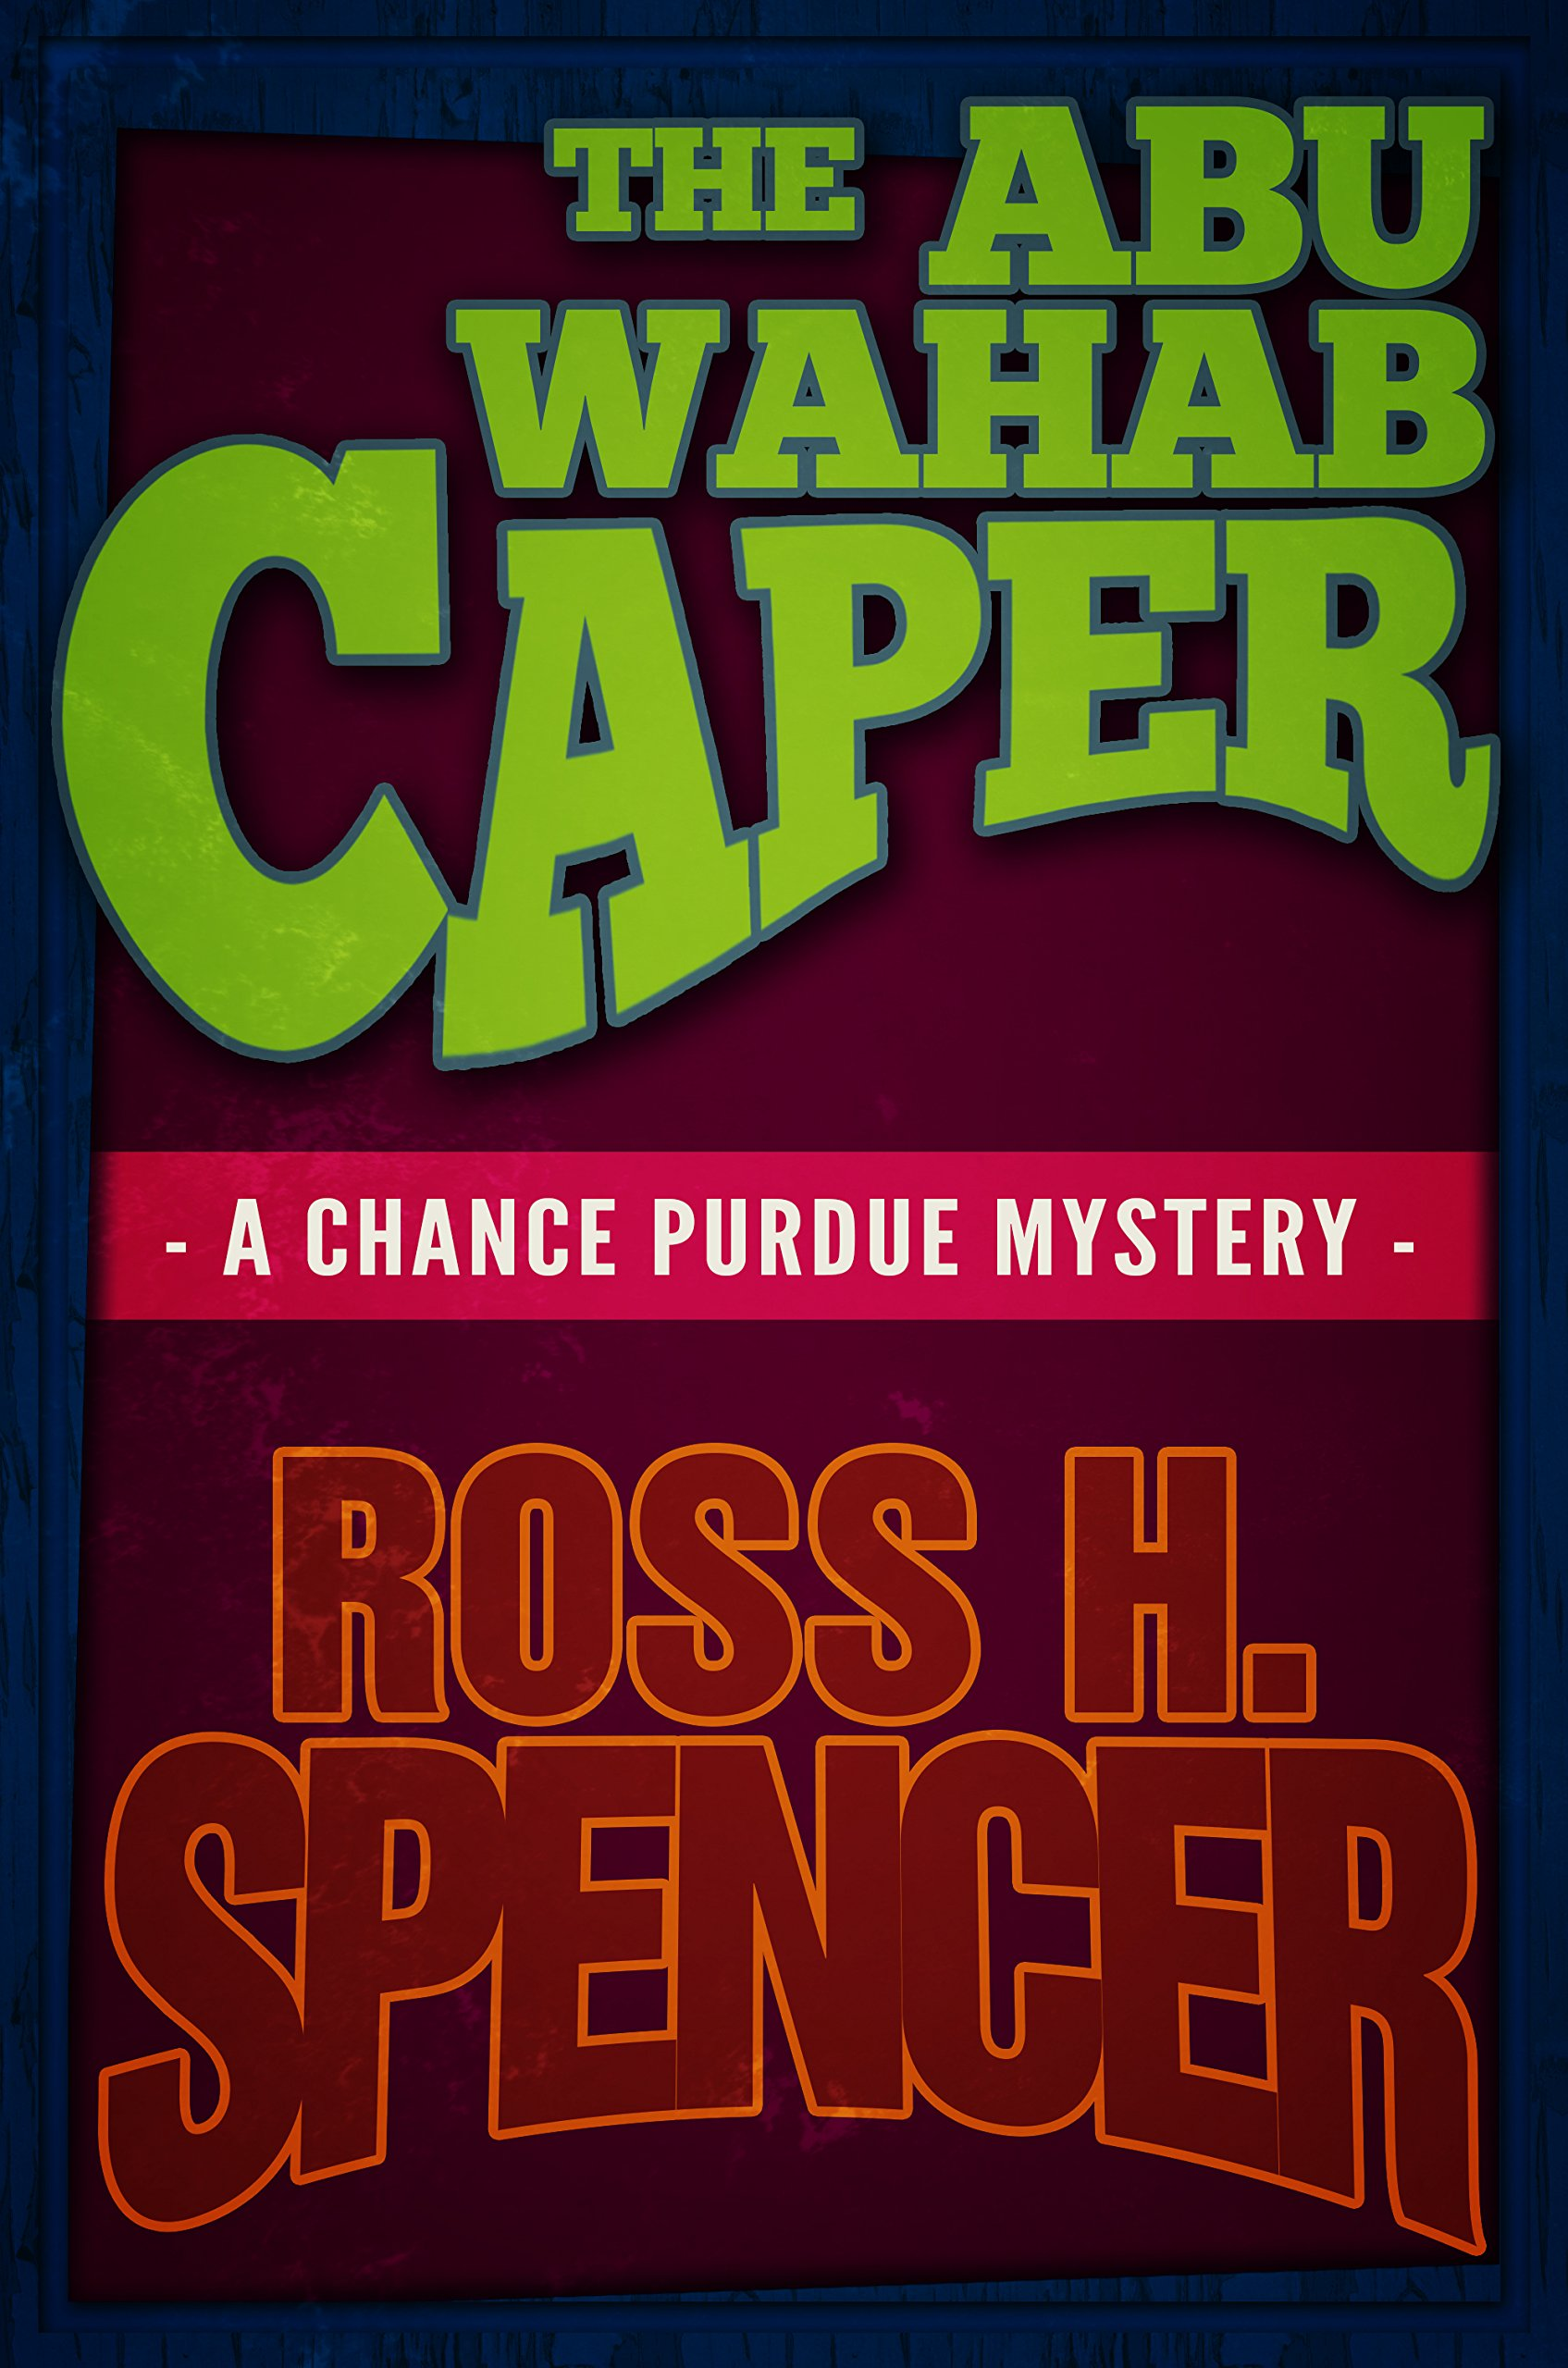 The Abu Wahab Caper: The Chance Purdue Series - Book Four ebook